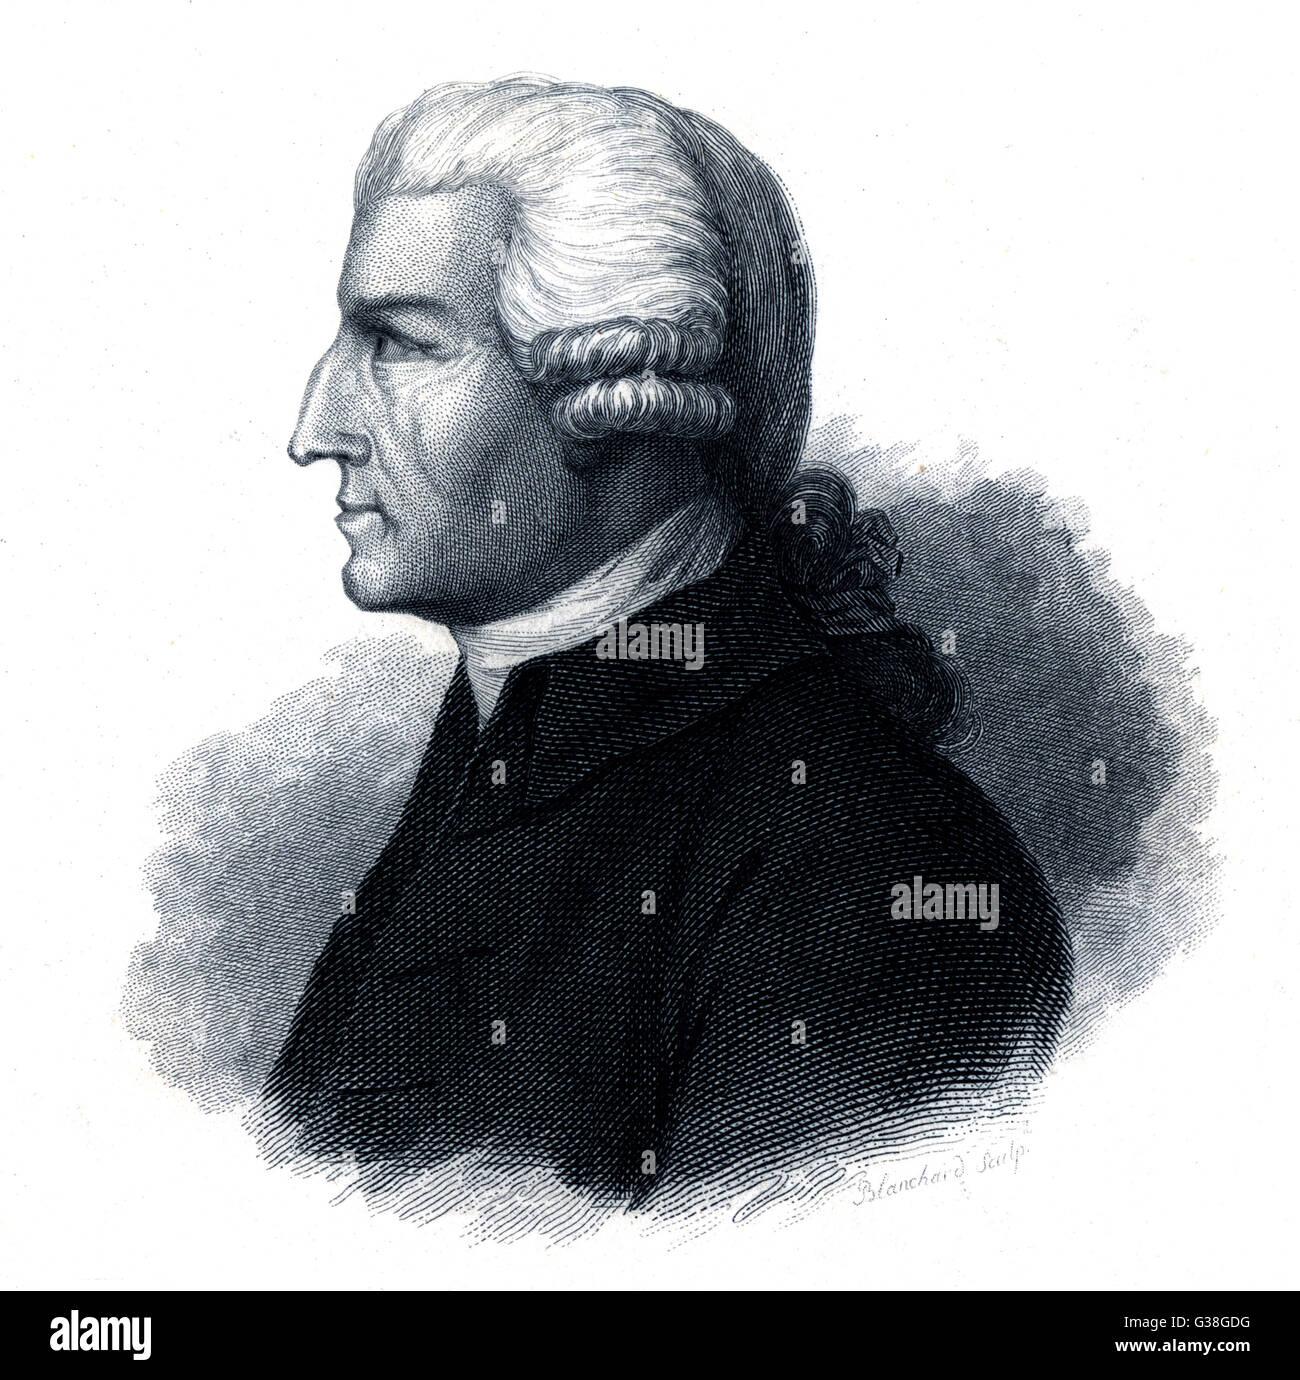 JOHN HOWARD  Reformer and philanthropist       Date: 1726 - 1790 Stock Photo